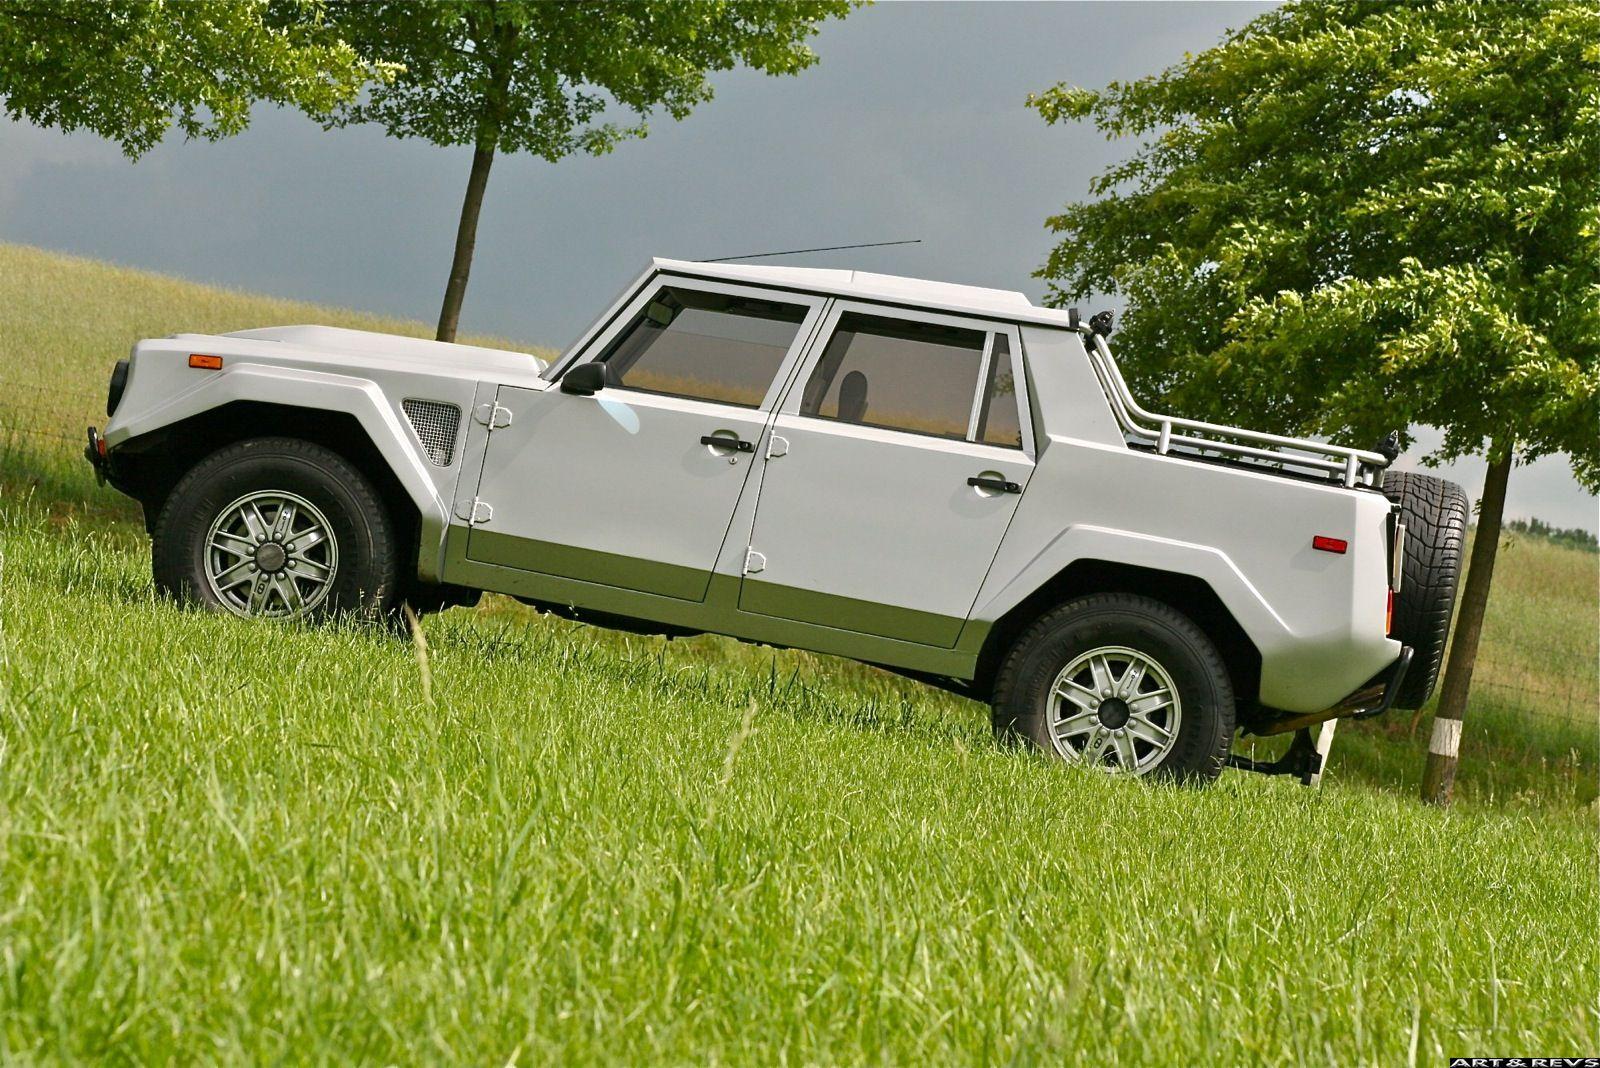 Lamborghini lm002 lgmsports com lamborghini lm002 pinterest lamborghini cars and 4x4